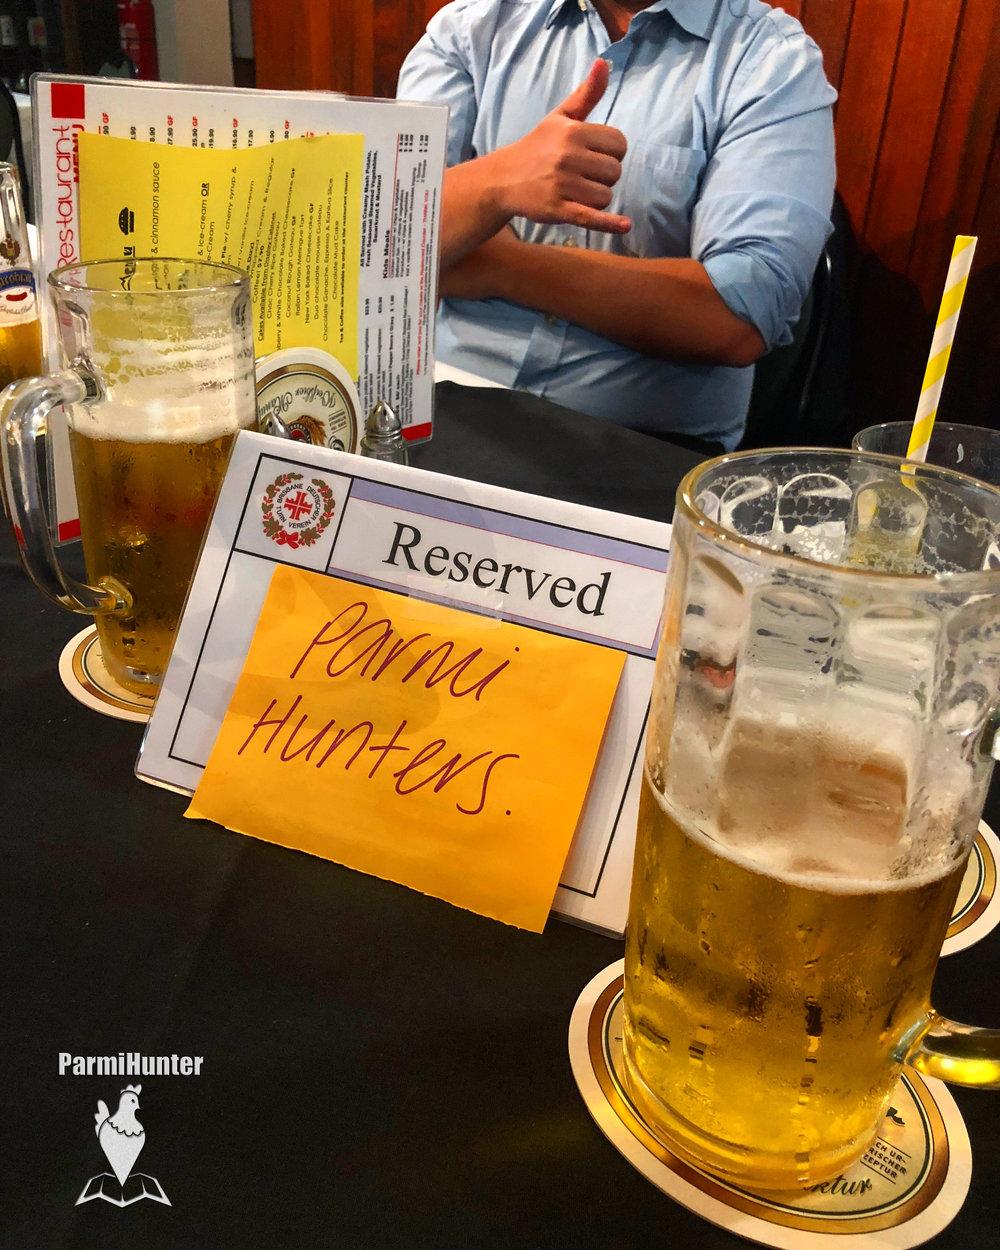 Brisbane German Club Parmi 3